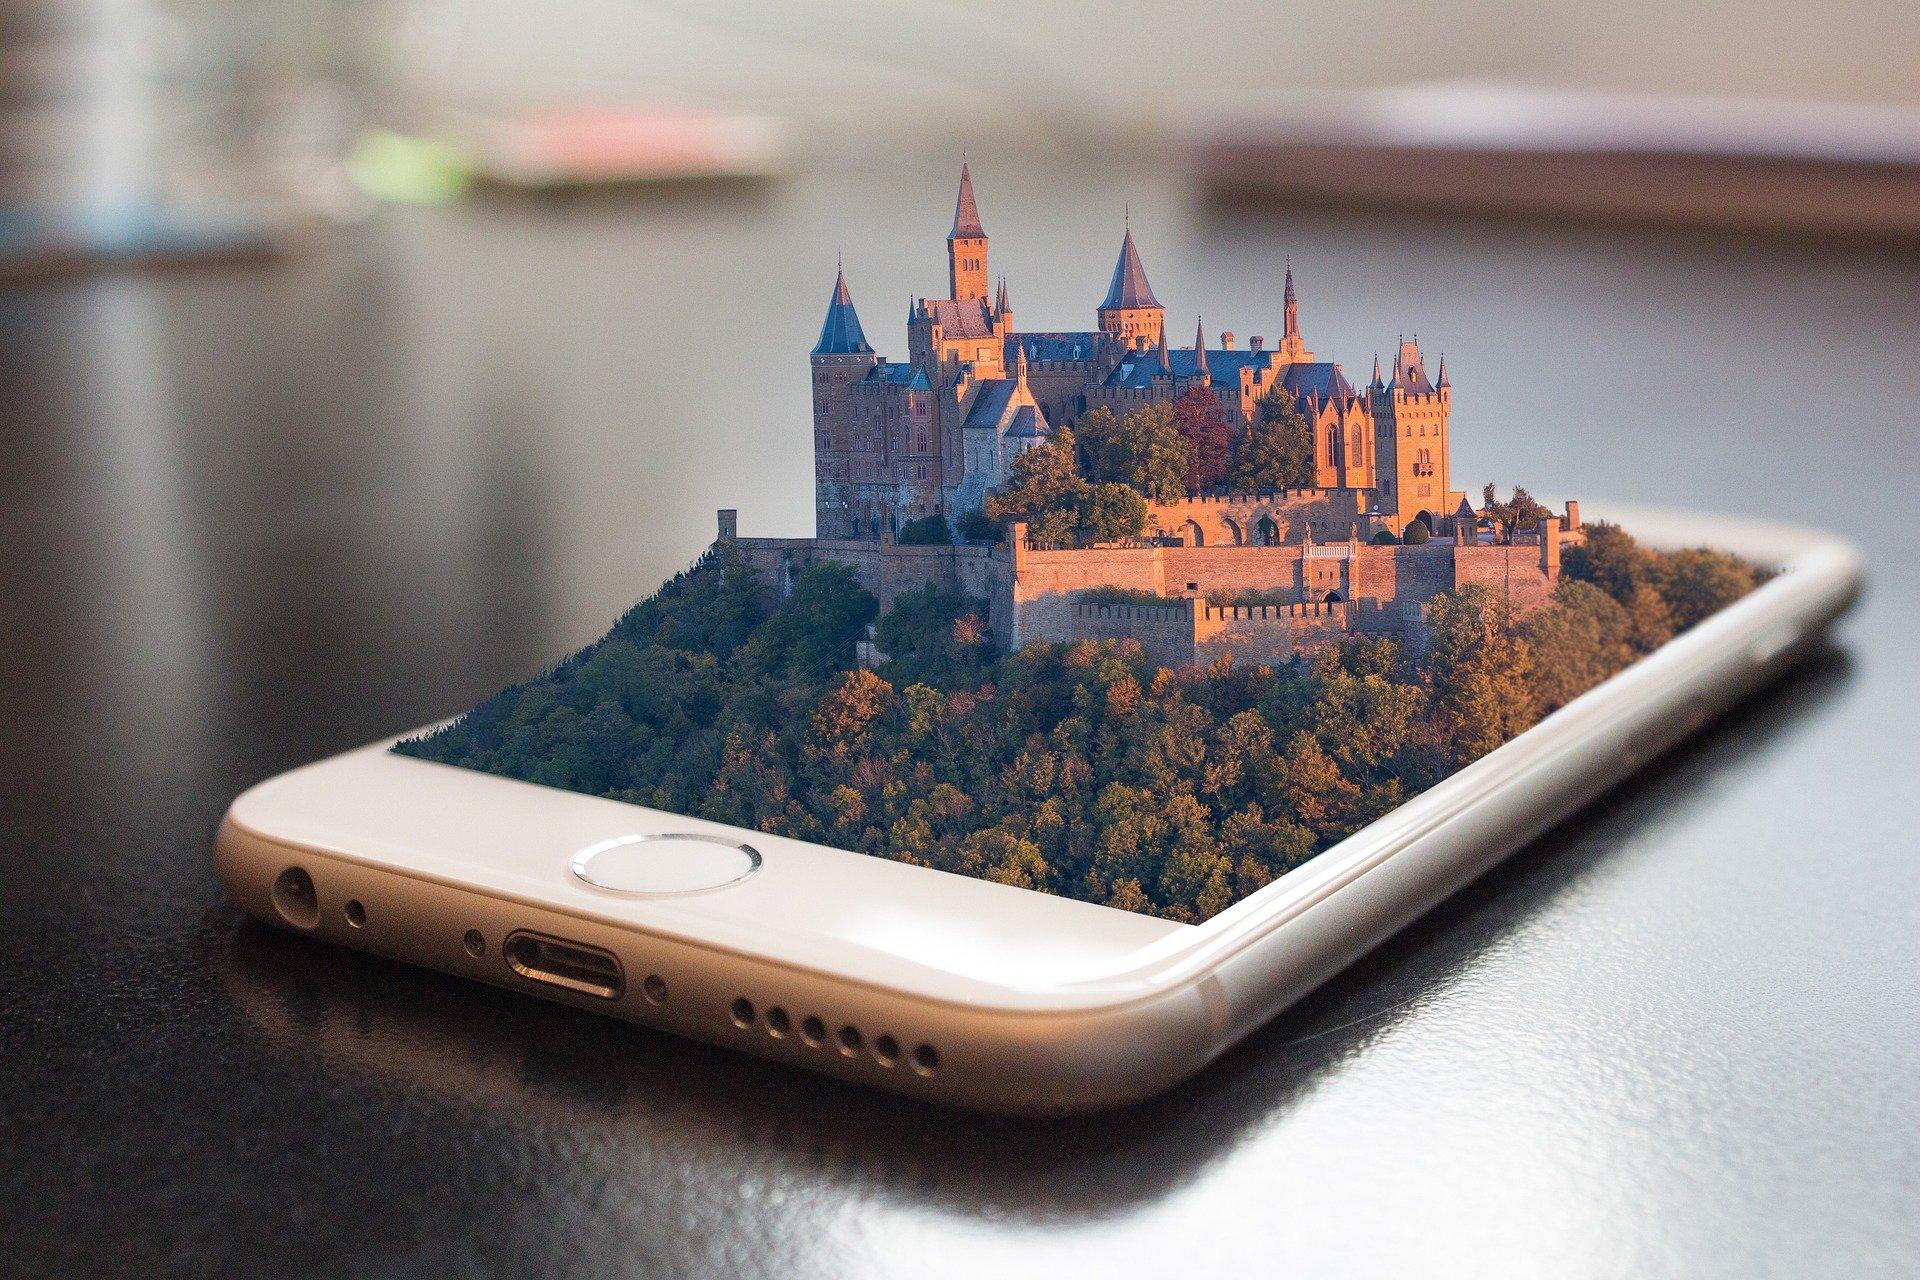 El mundo se digitaliza cada día más.